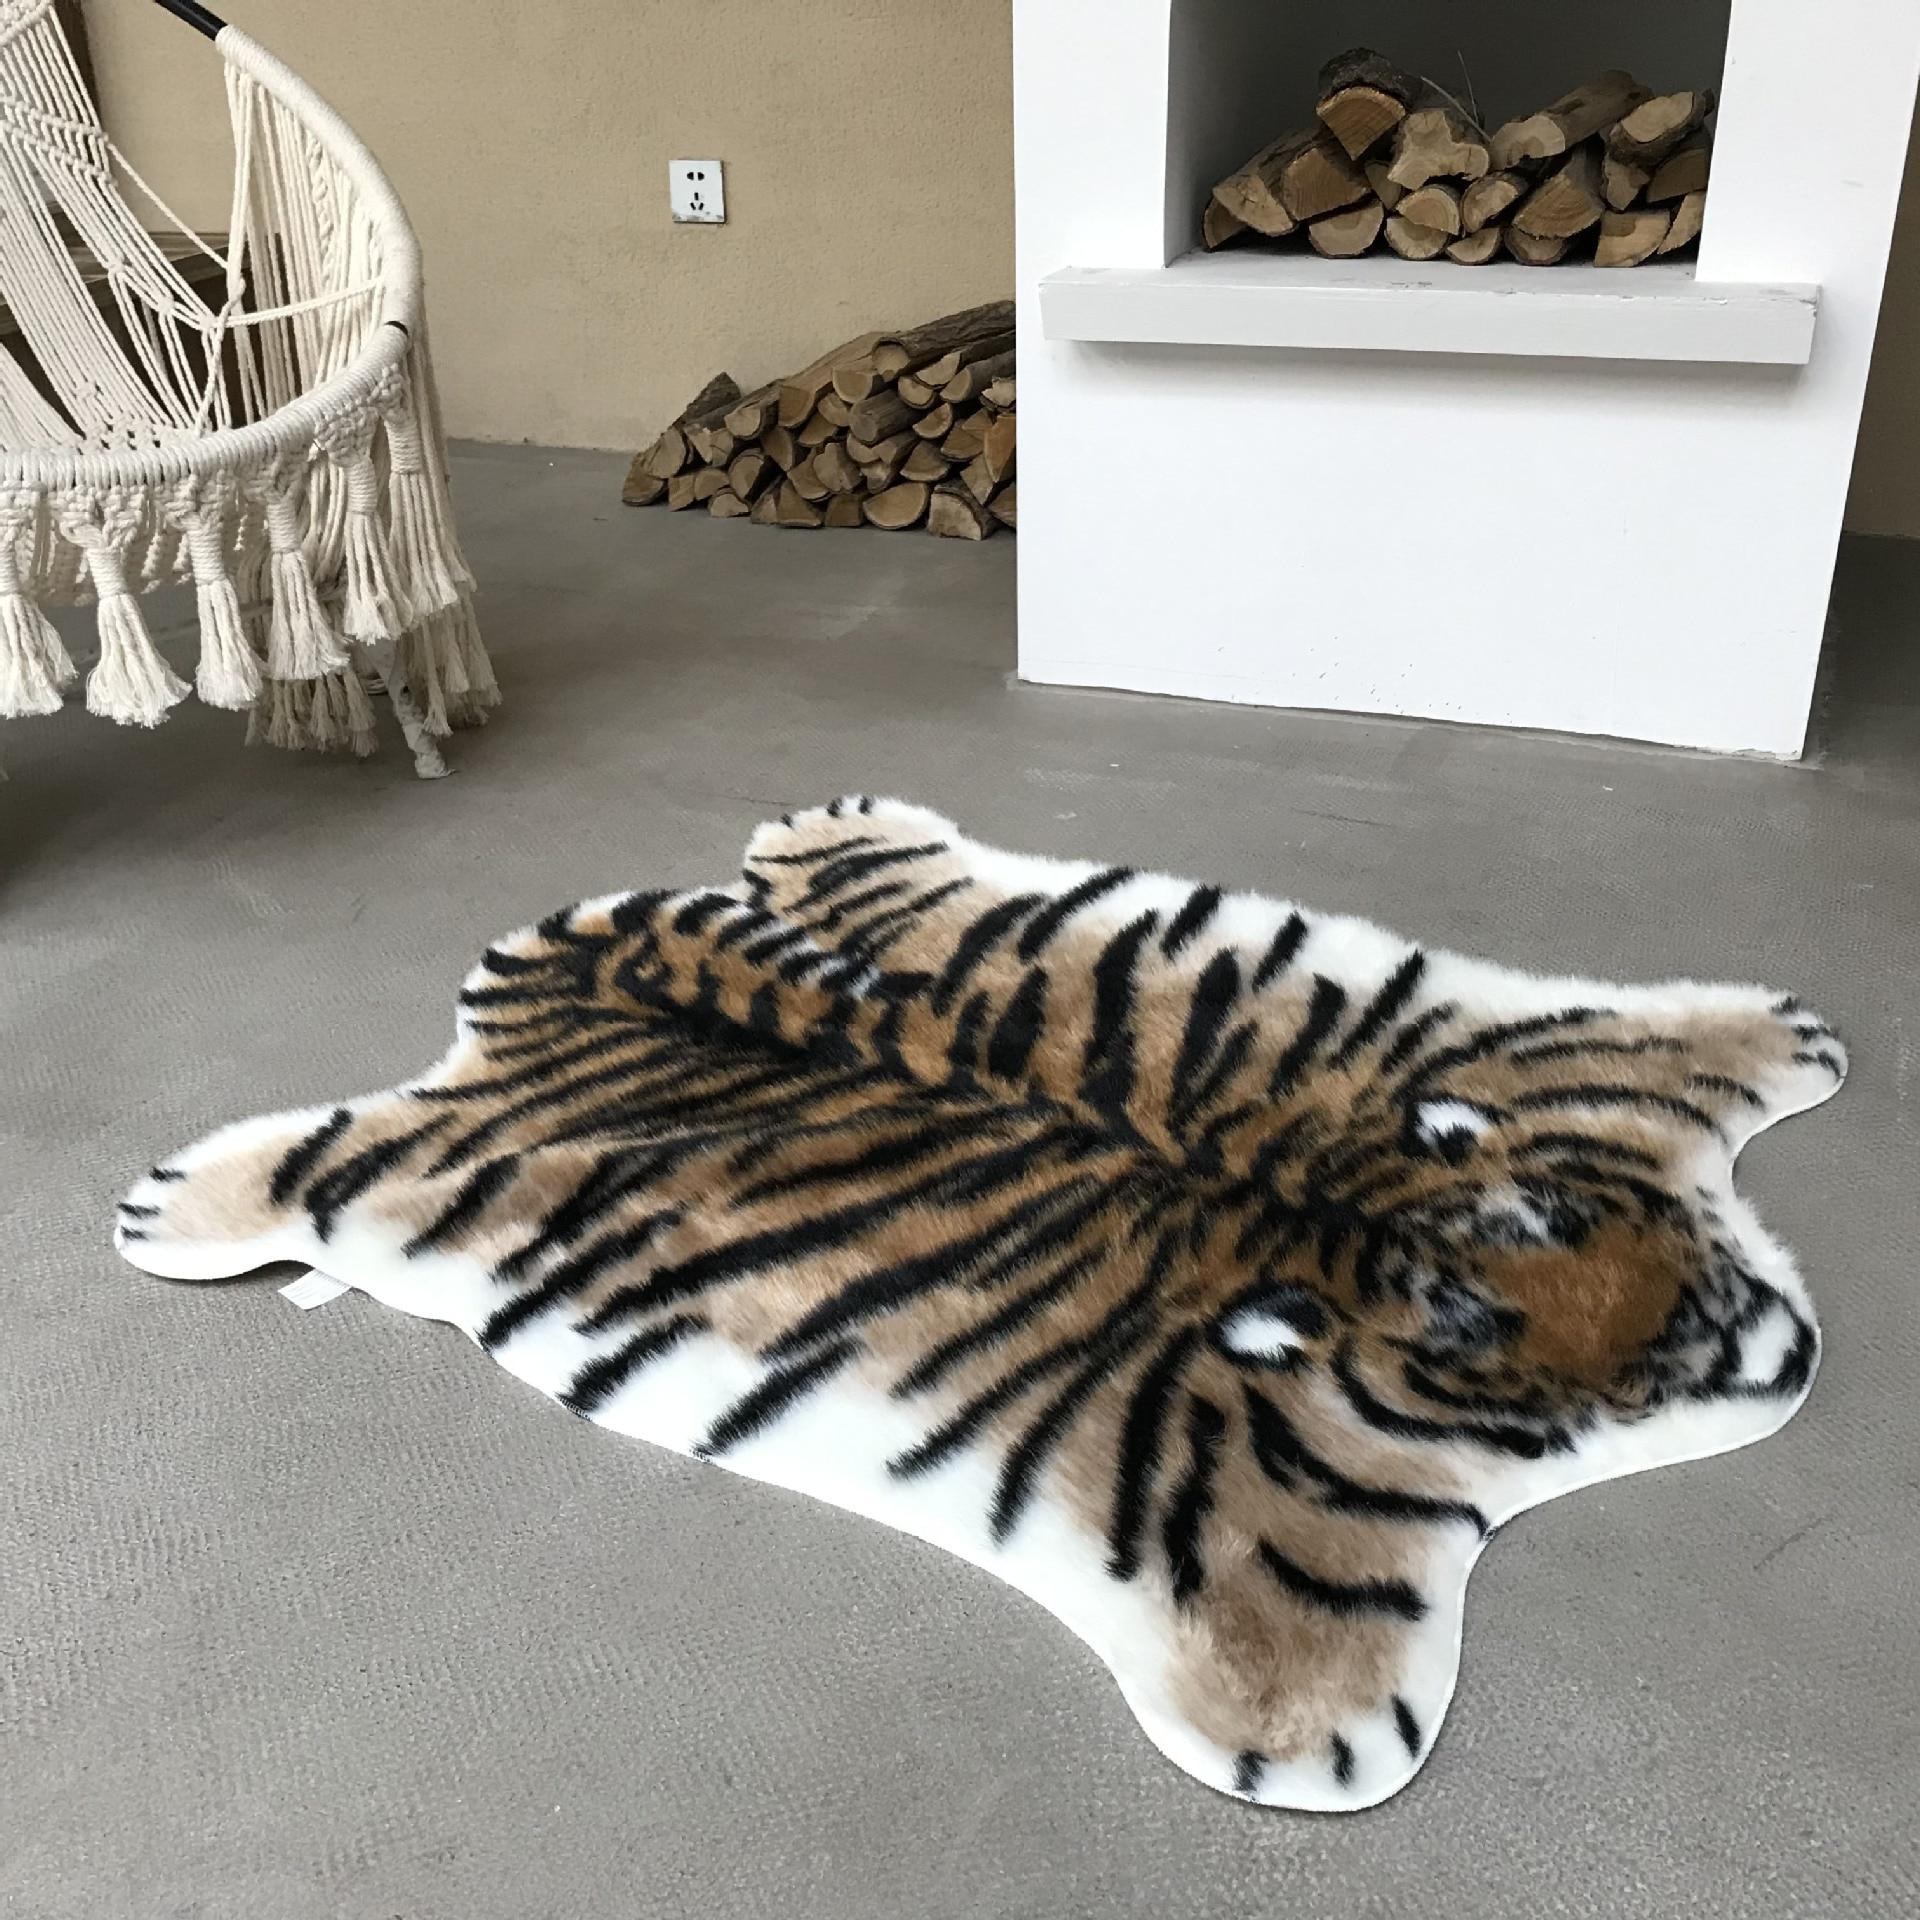 Impressão do couro tapete artificial de lã de vaca pele do falso couro banheiro anti-deslizamento tapete de impressão animal para casa 3 tamanho